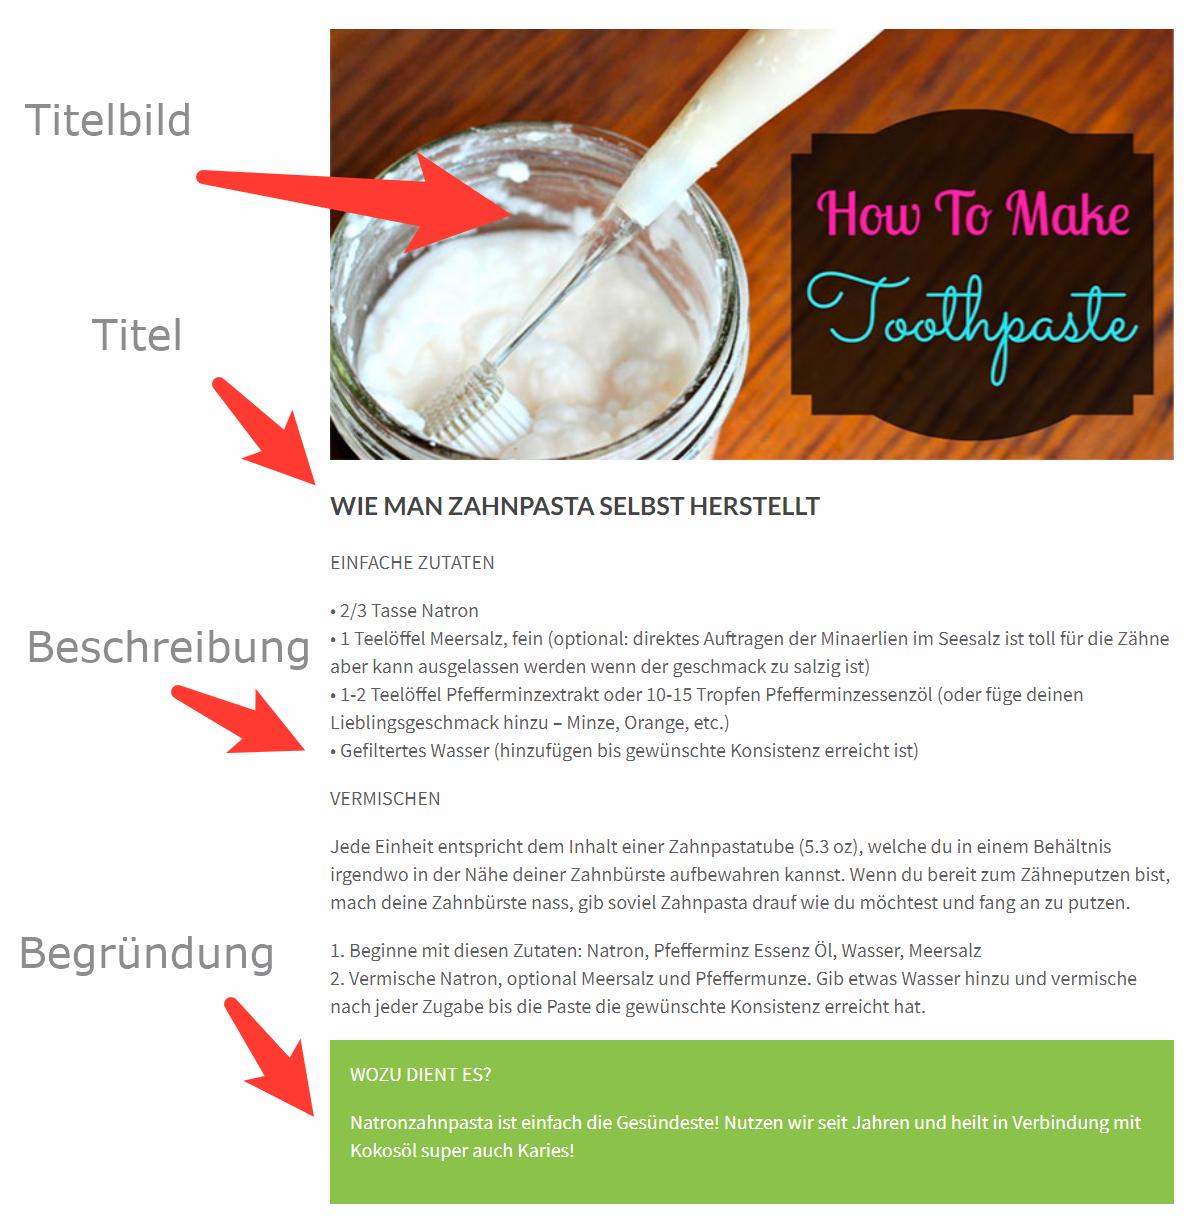 Herstellung toothpaste